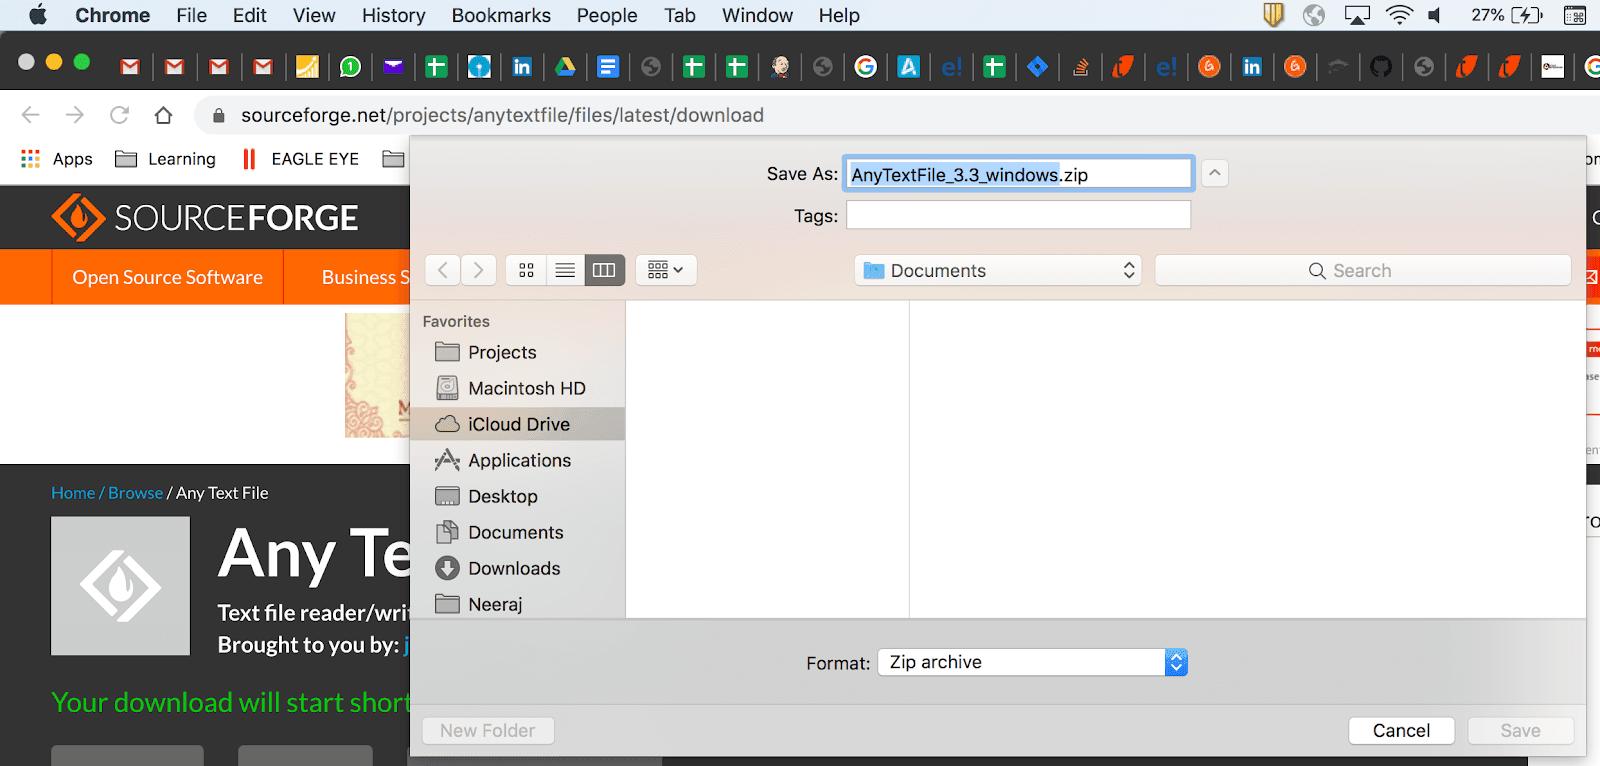 Salesforce screenshot testing